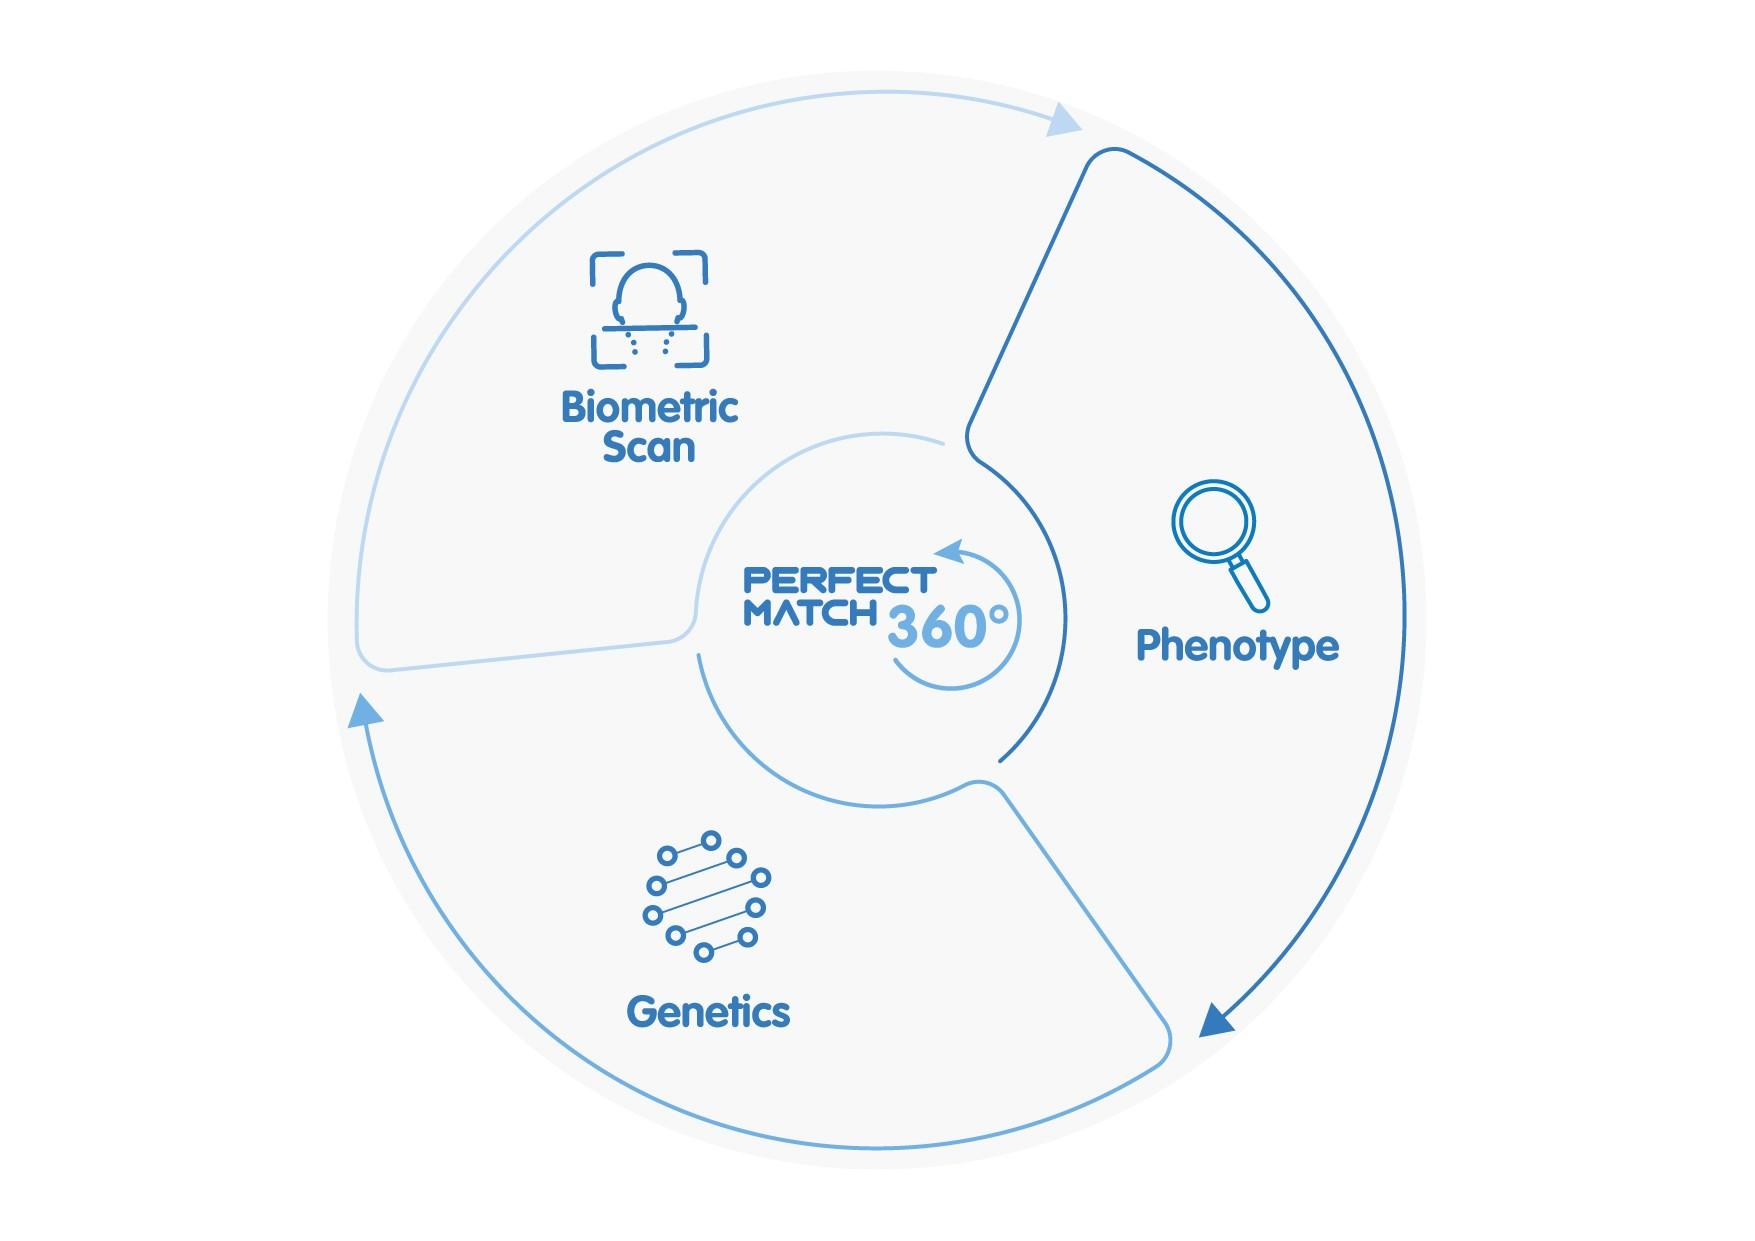 Conoce cómo funciona Perfect Match 360°, la última tecnología para lograr similitud entre donante y paciente